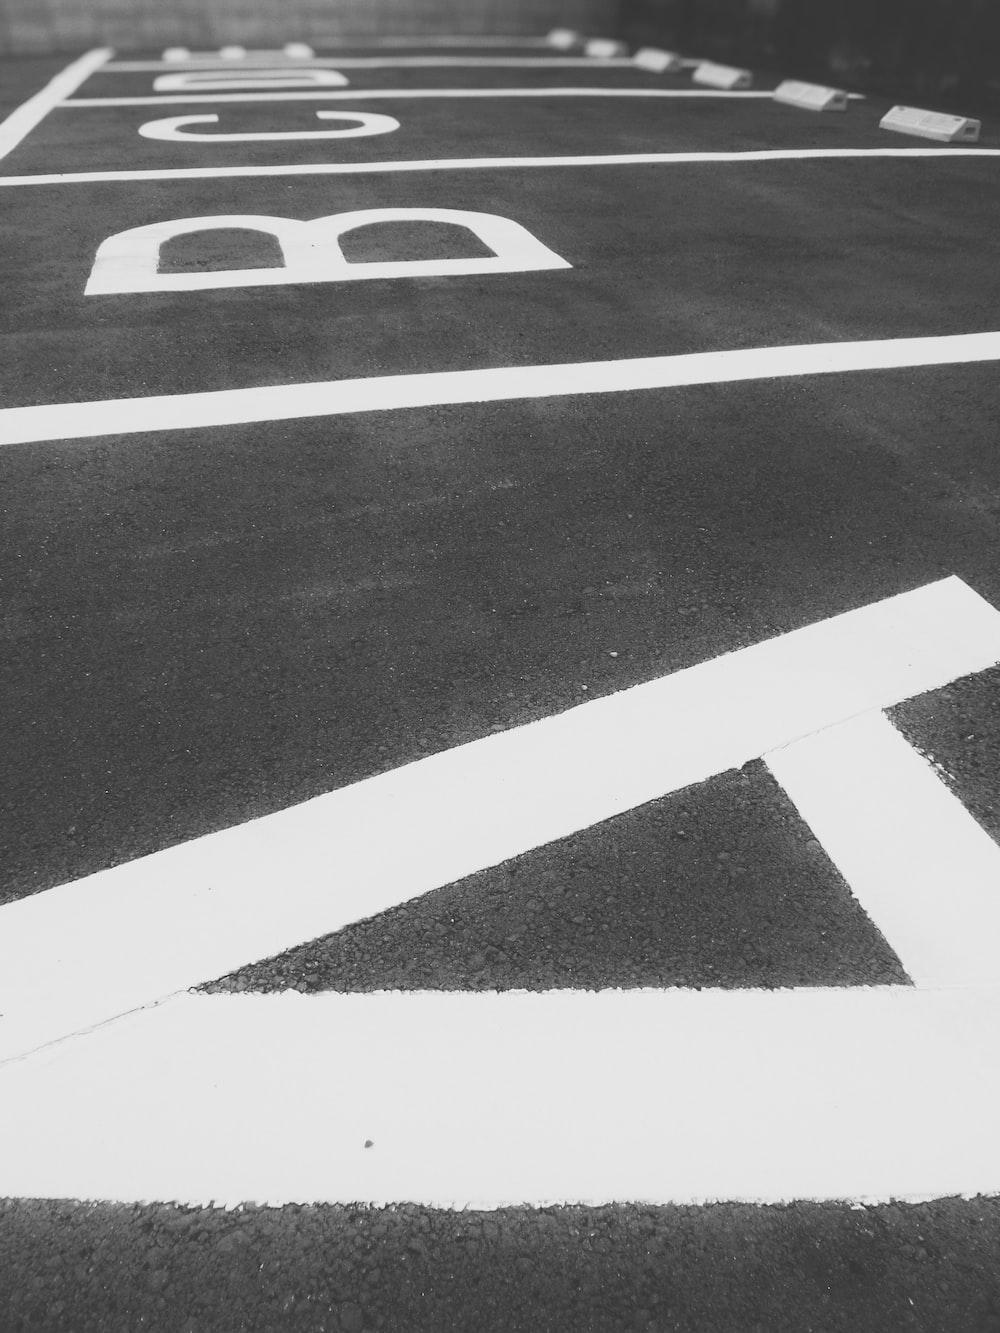 ABCDE parking lot paint